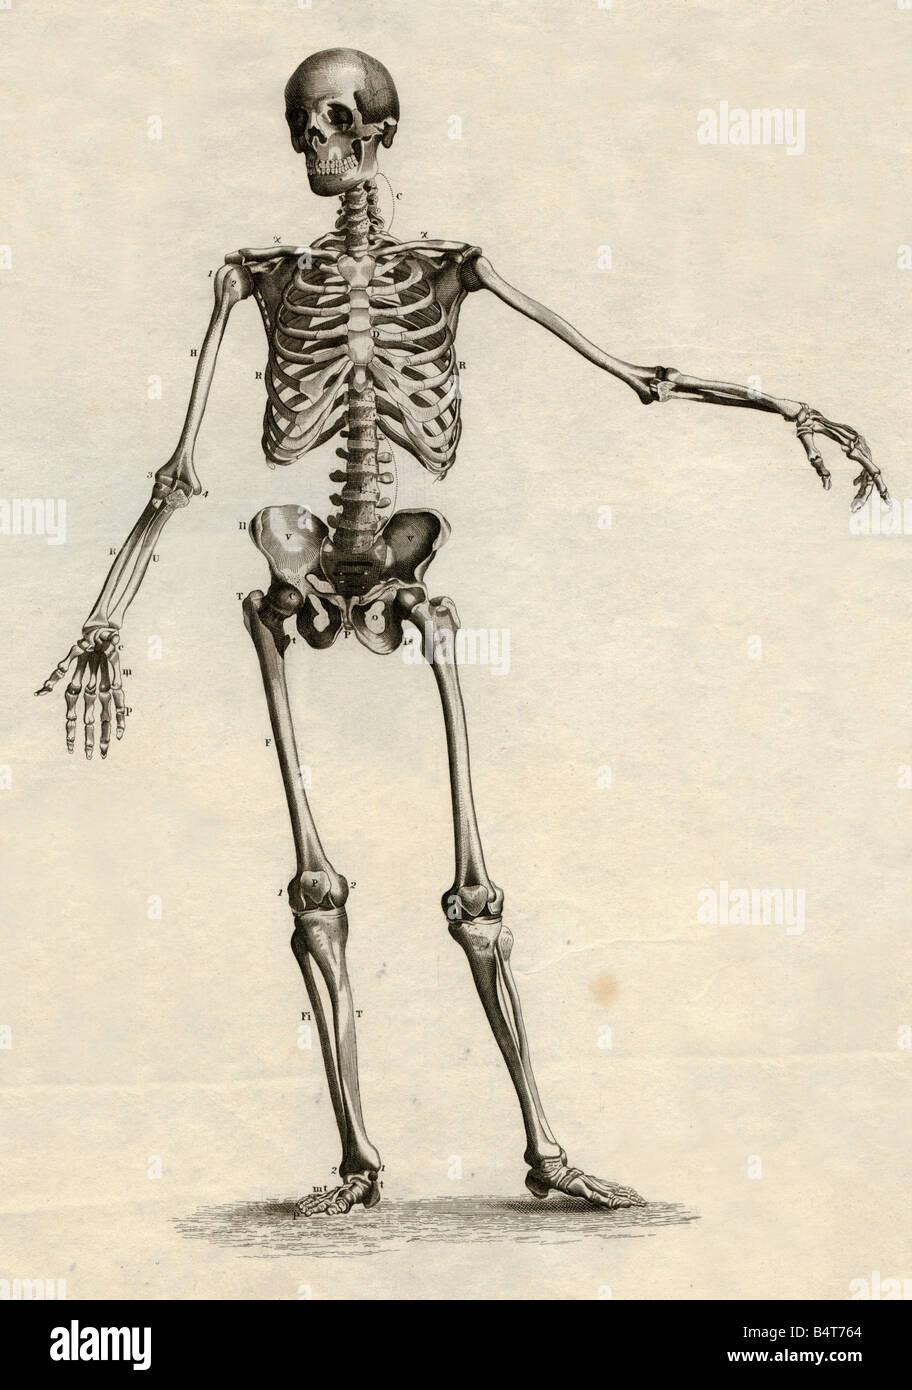 Medizin, Anatomie, Skelett / Knochen, Skelett, Stahl-Gravur ...